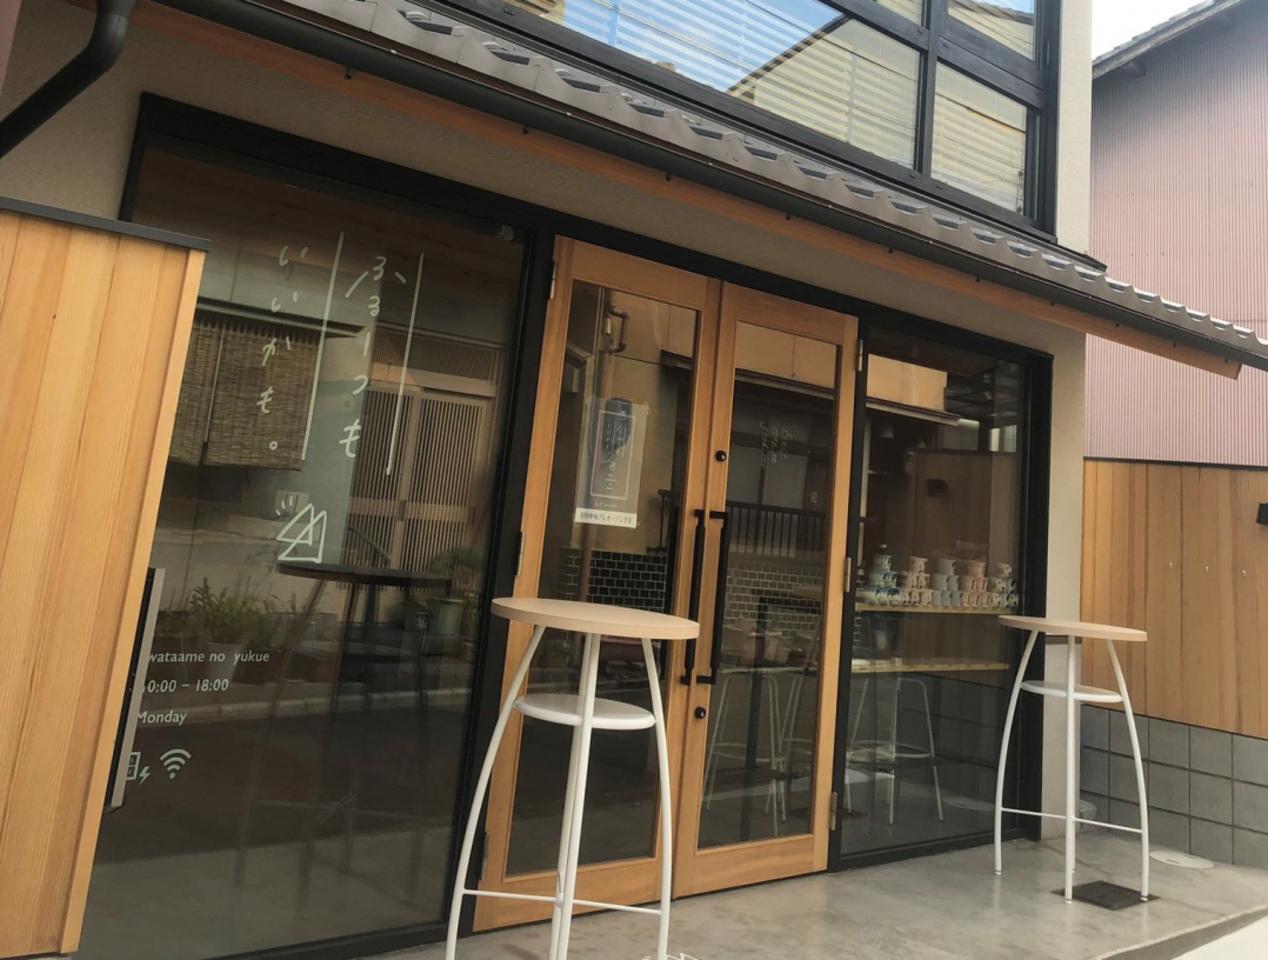 京都市東山区八坂塔之下星野町に、わたあめのゆくえ2号店「ふるーつもいいかも」プレオープン!